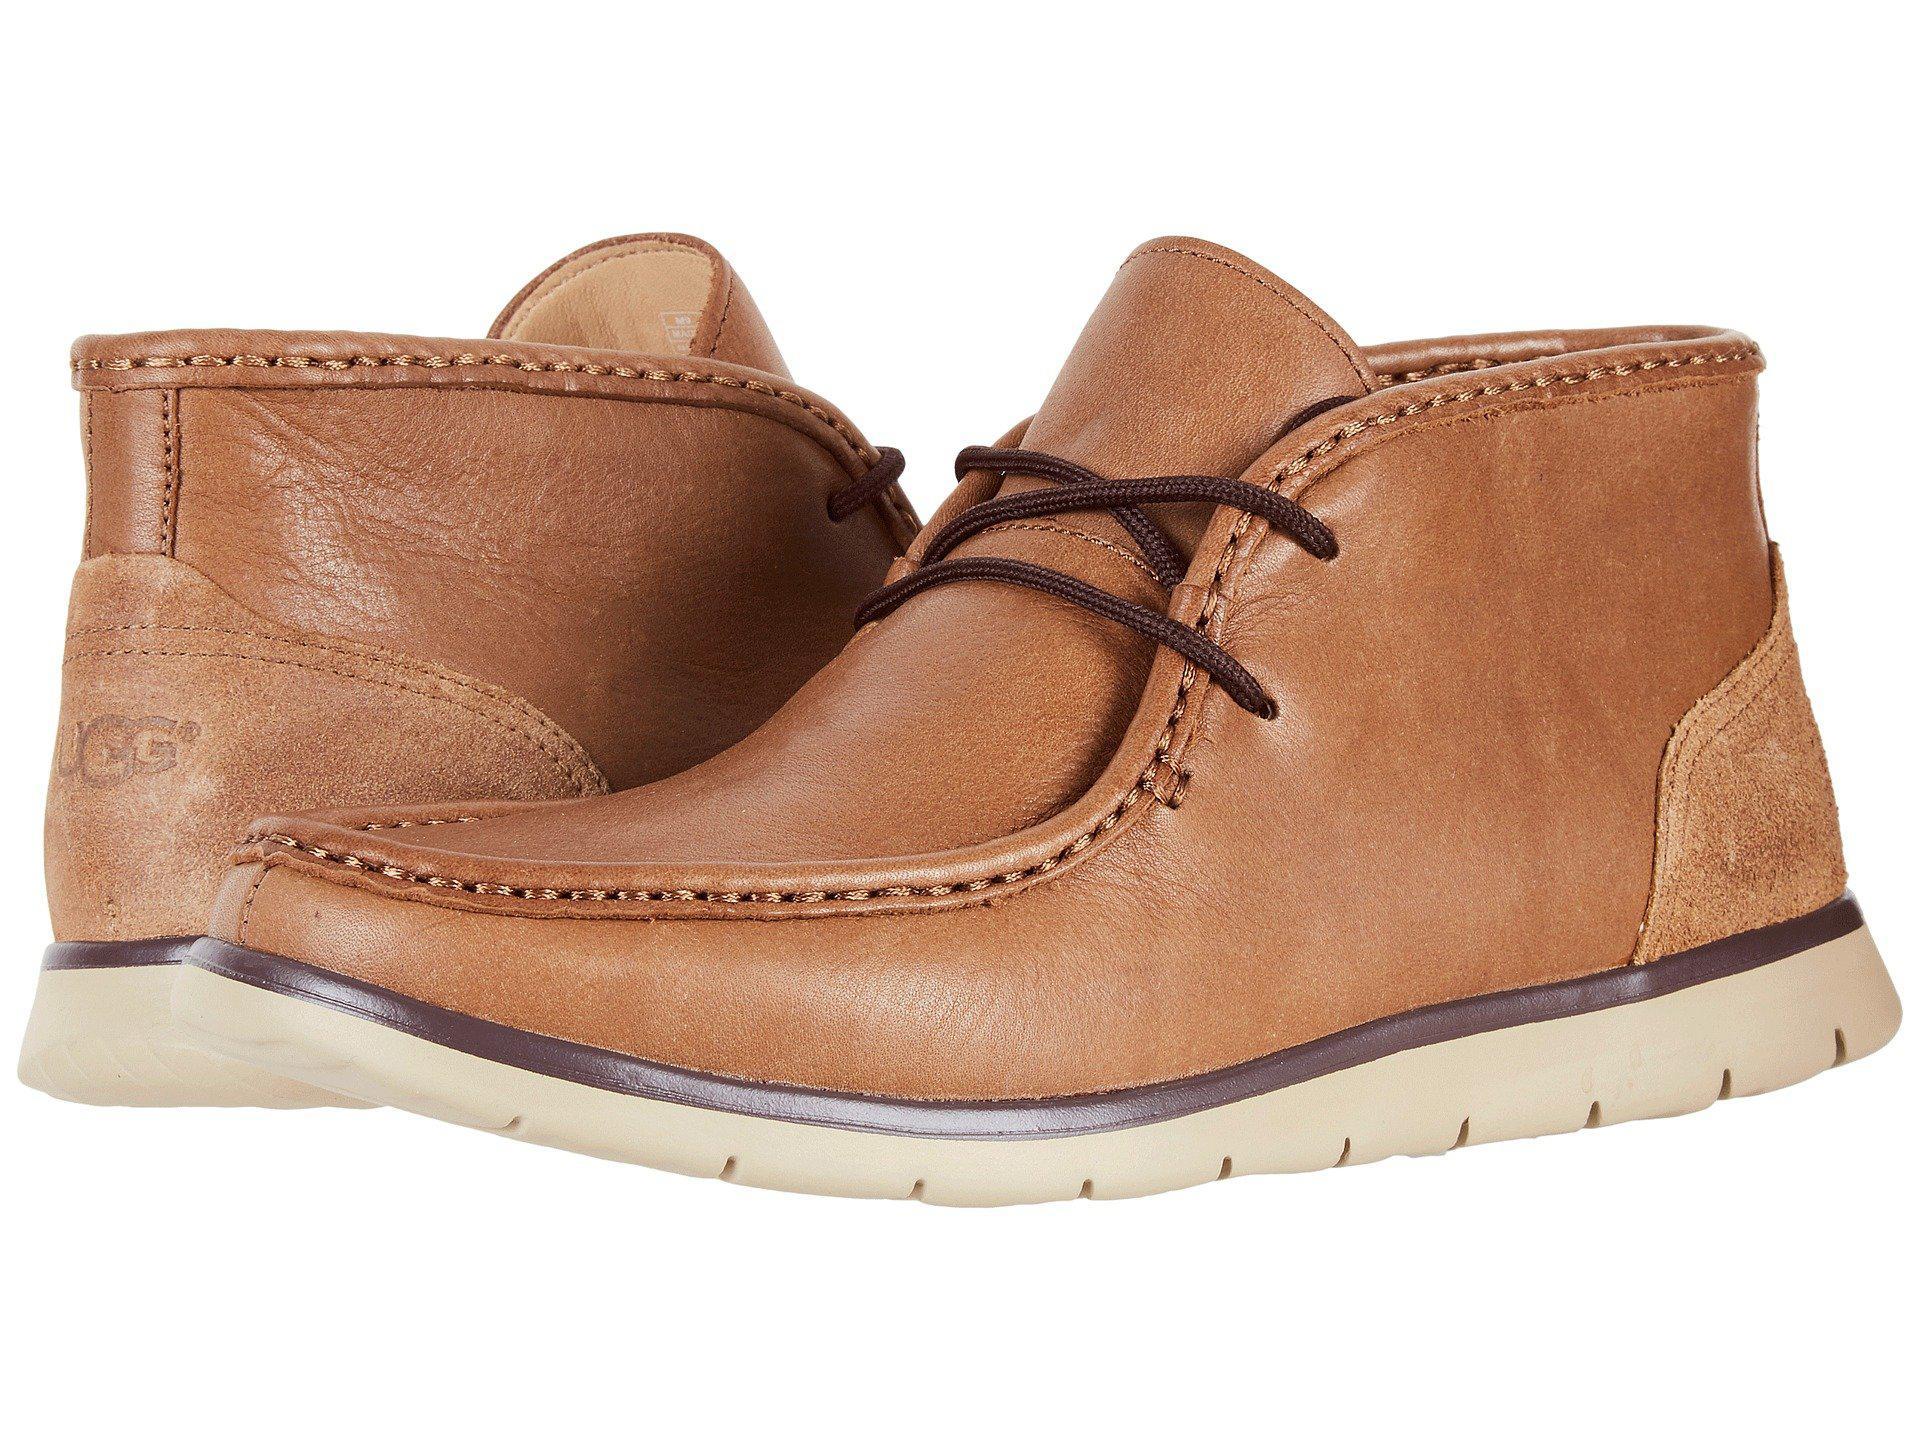 0801d2e7dc9 Lyst - UGG Hendrickson in Brown for Men